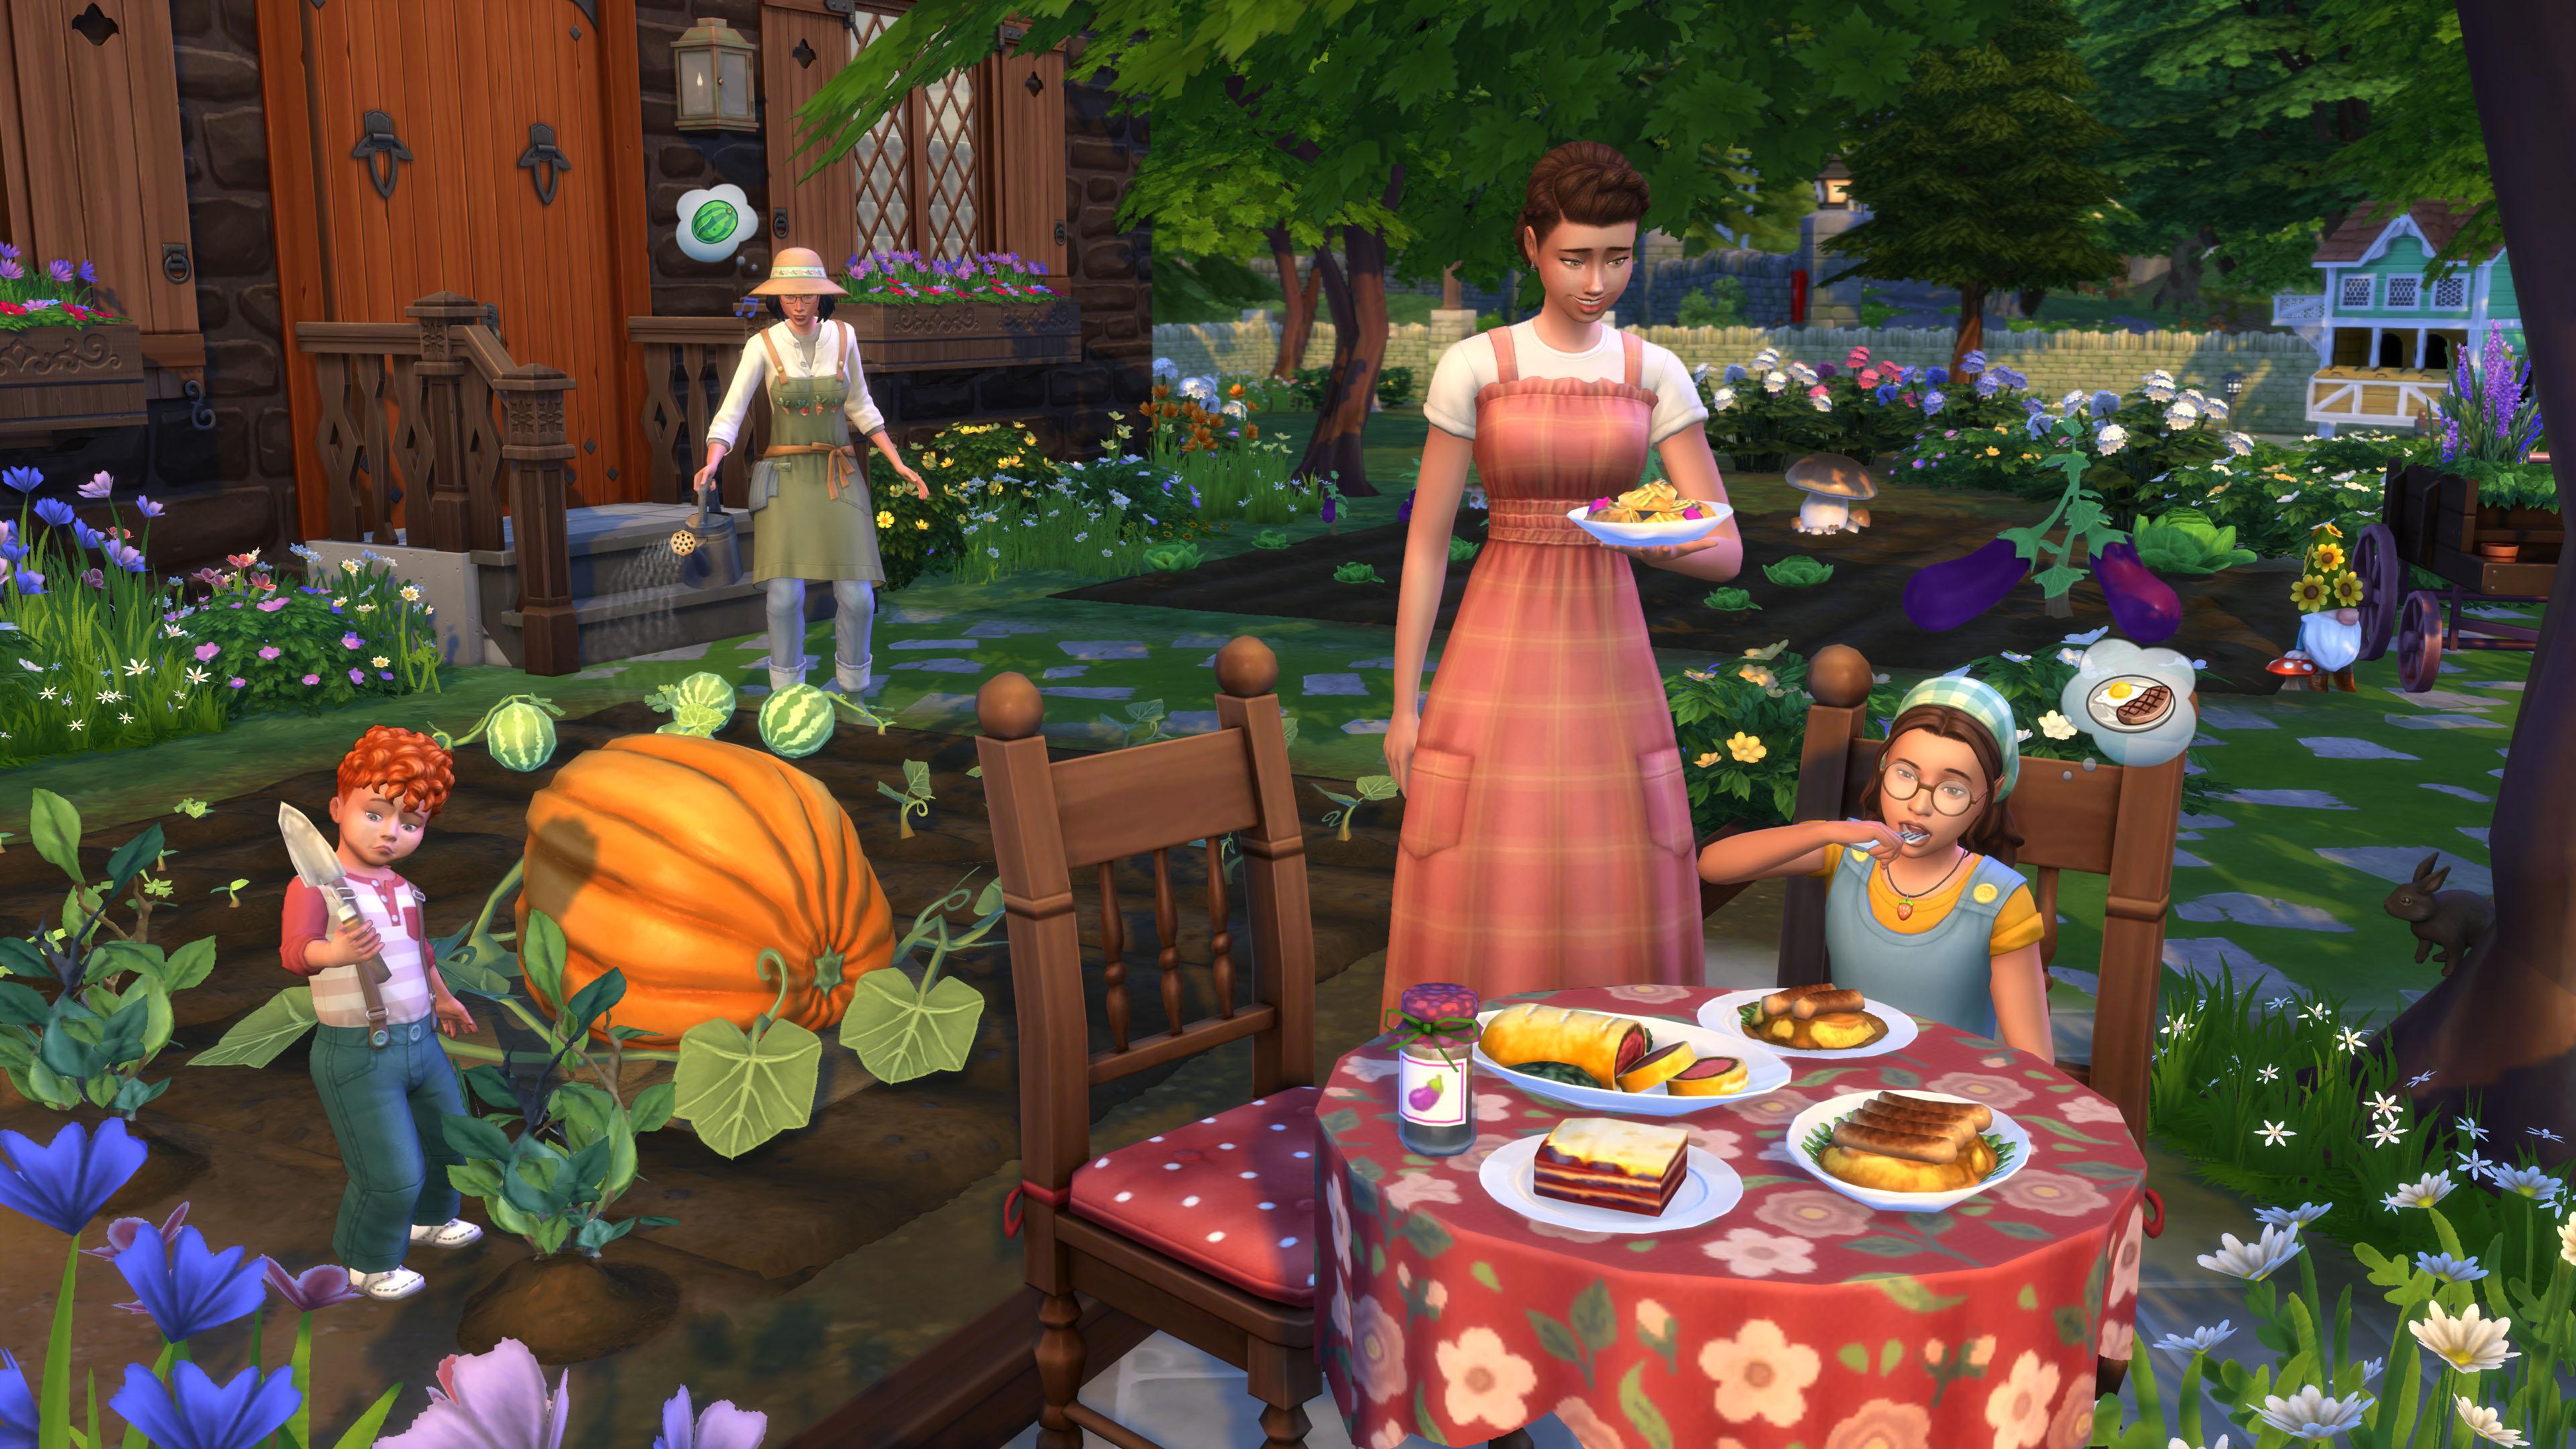 Скриншот №3 к The Sims 4 Загородная жизнь